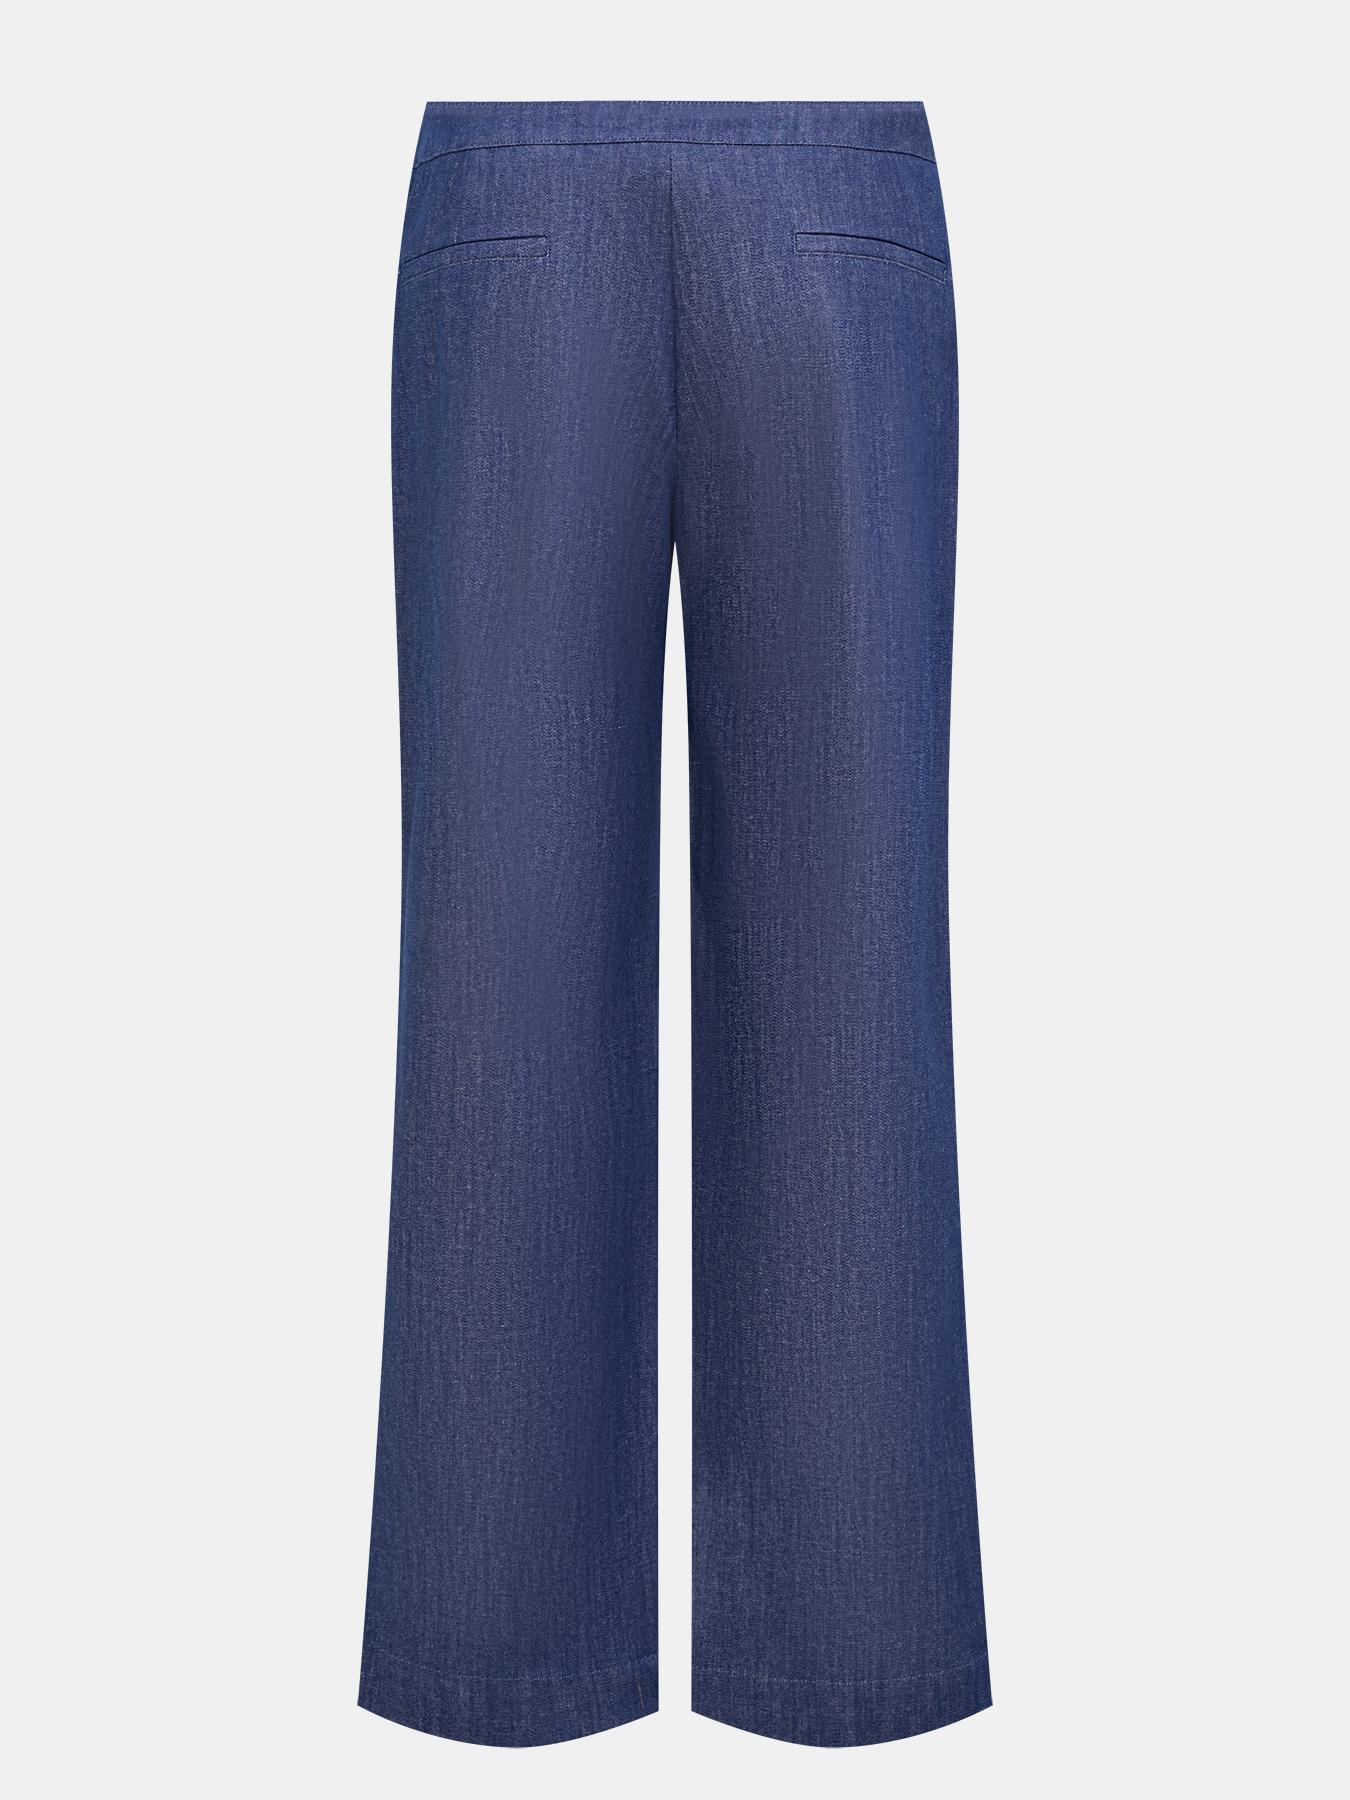 Брюки ORSA Orange Джинсы брюки orsa orange женские джинсы